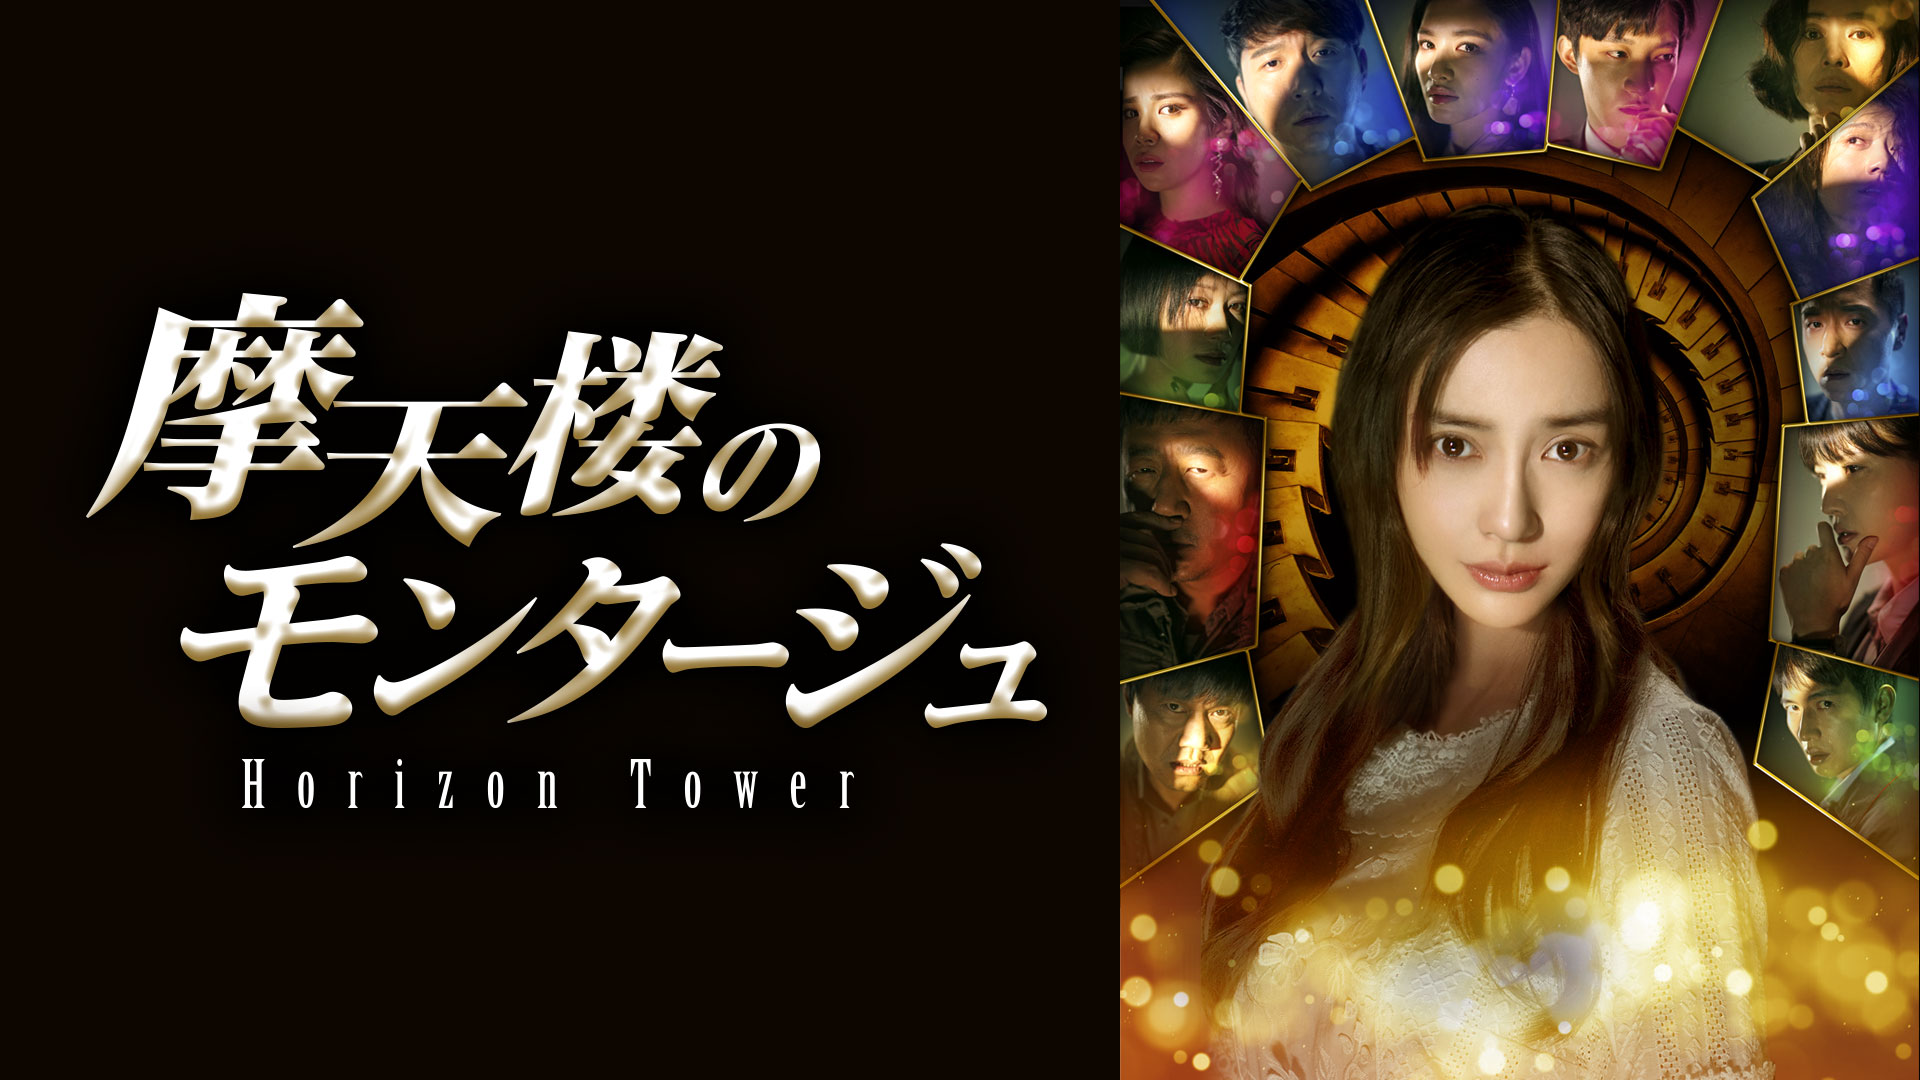 摩天楼のモンタージュ~Horizon Tower~